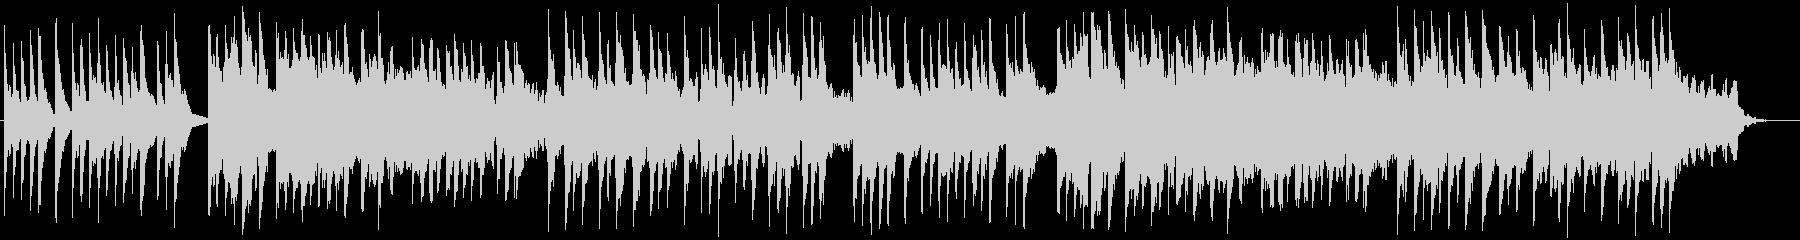 シネマティック和風BGM 琴 三味線 尺の未再生の波形